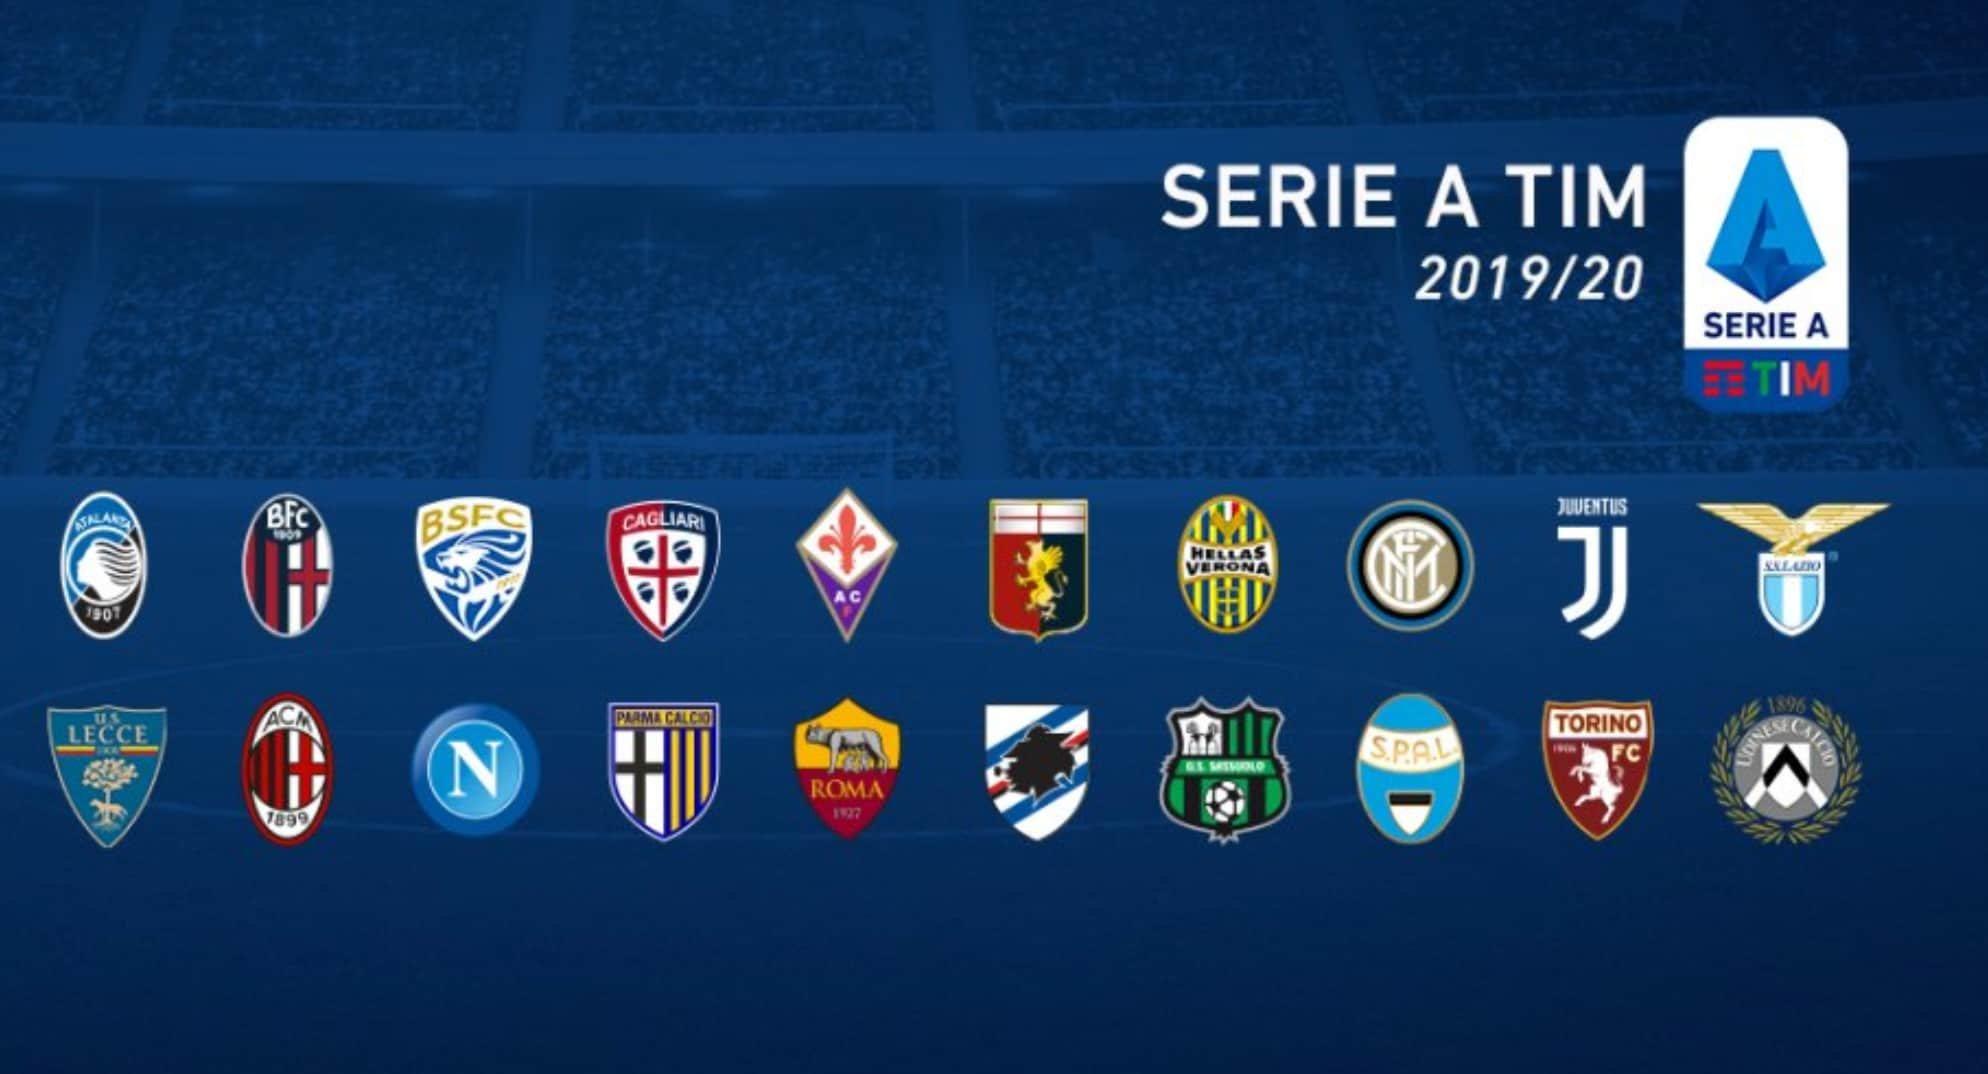 Serie A Calendario Inter.Calendario Serie A Alla Prima Giornata Inter Lecce